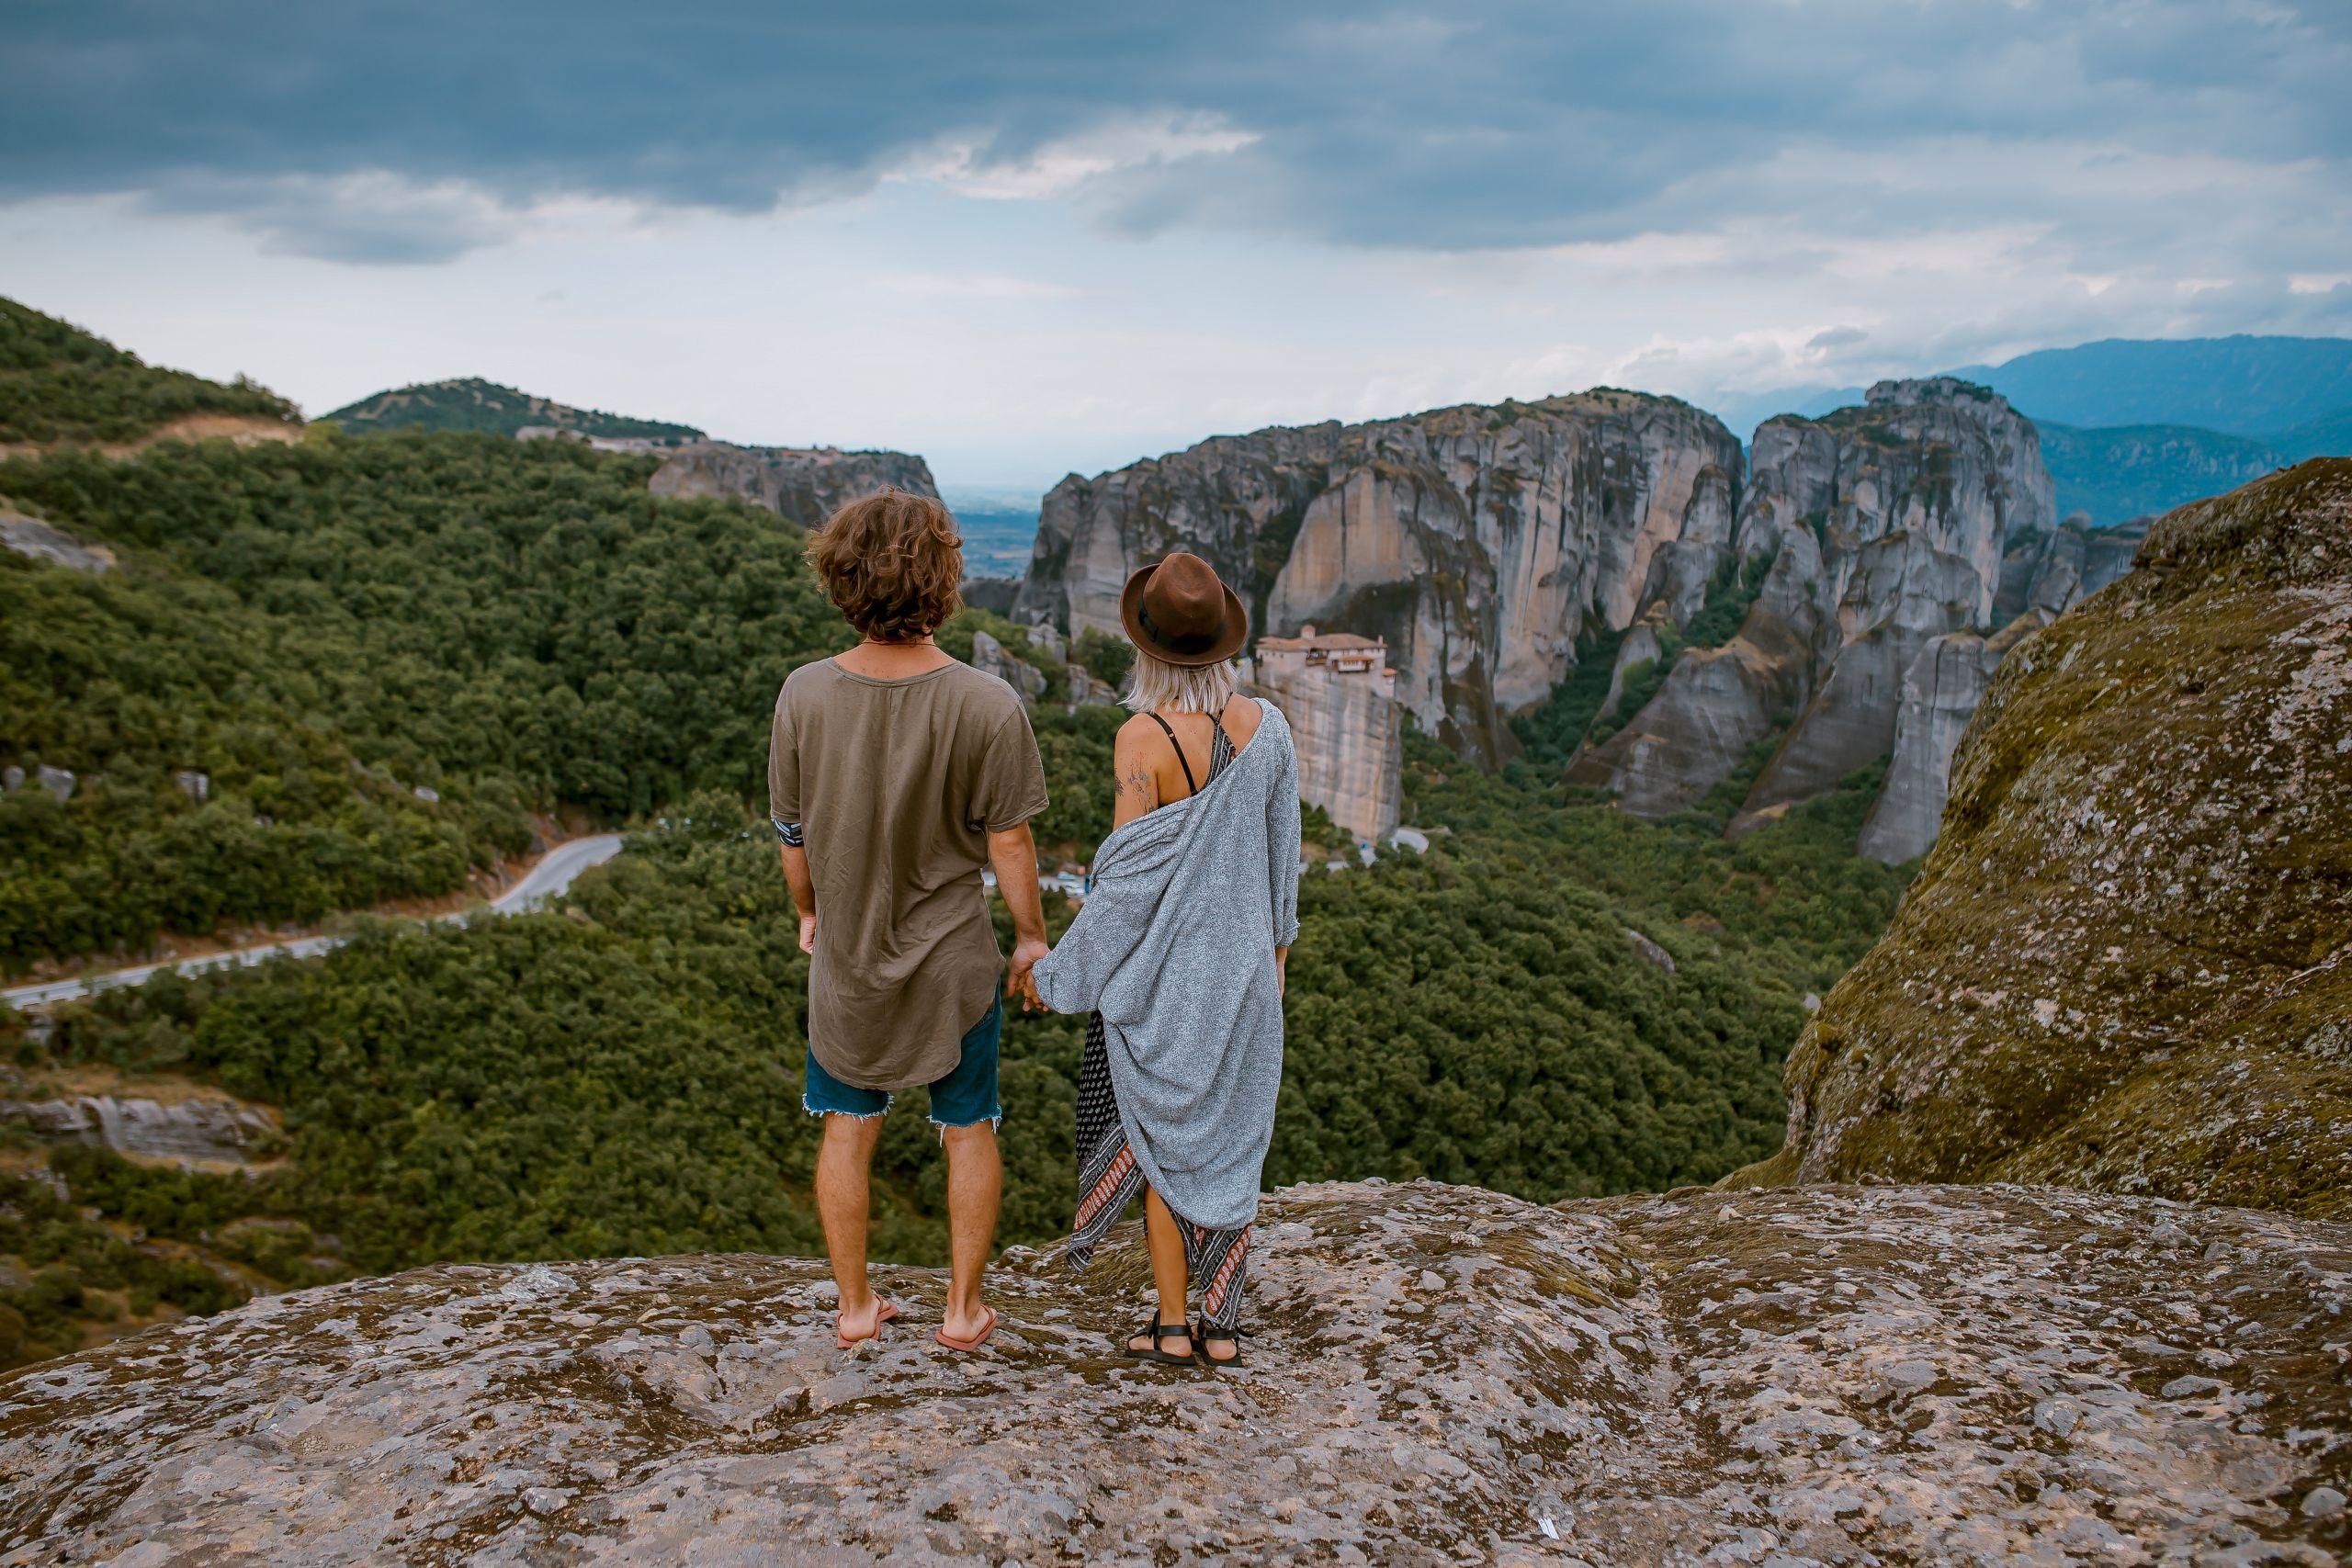 Rejseguide: Find de bedste billige rejser i dag